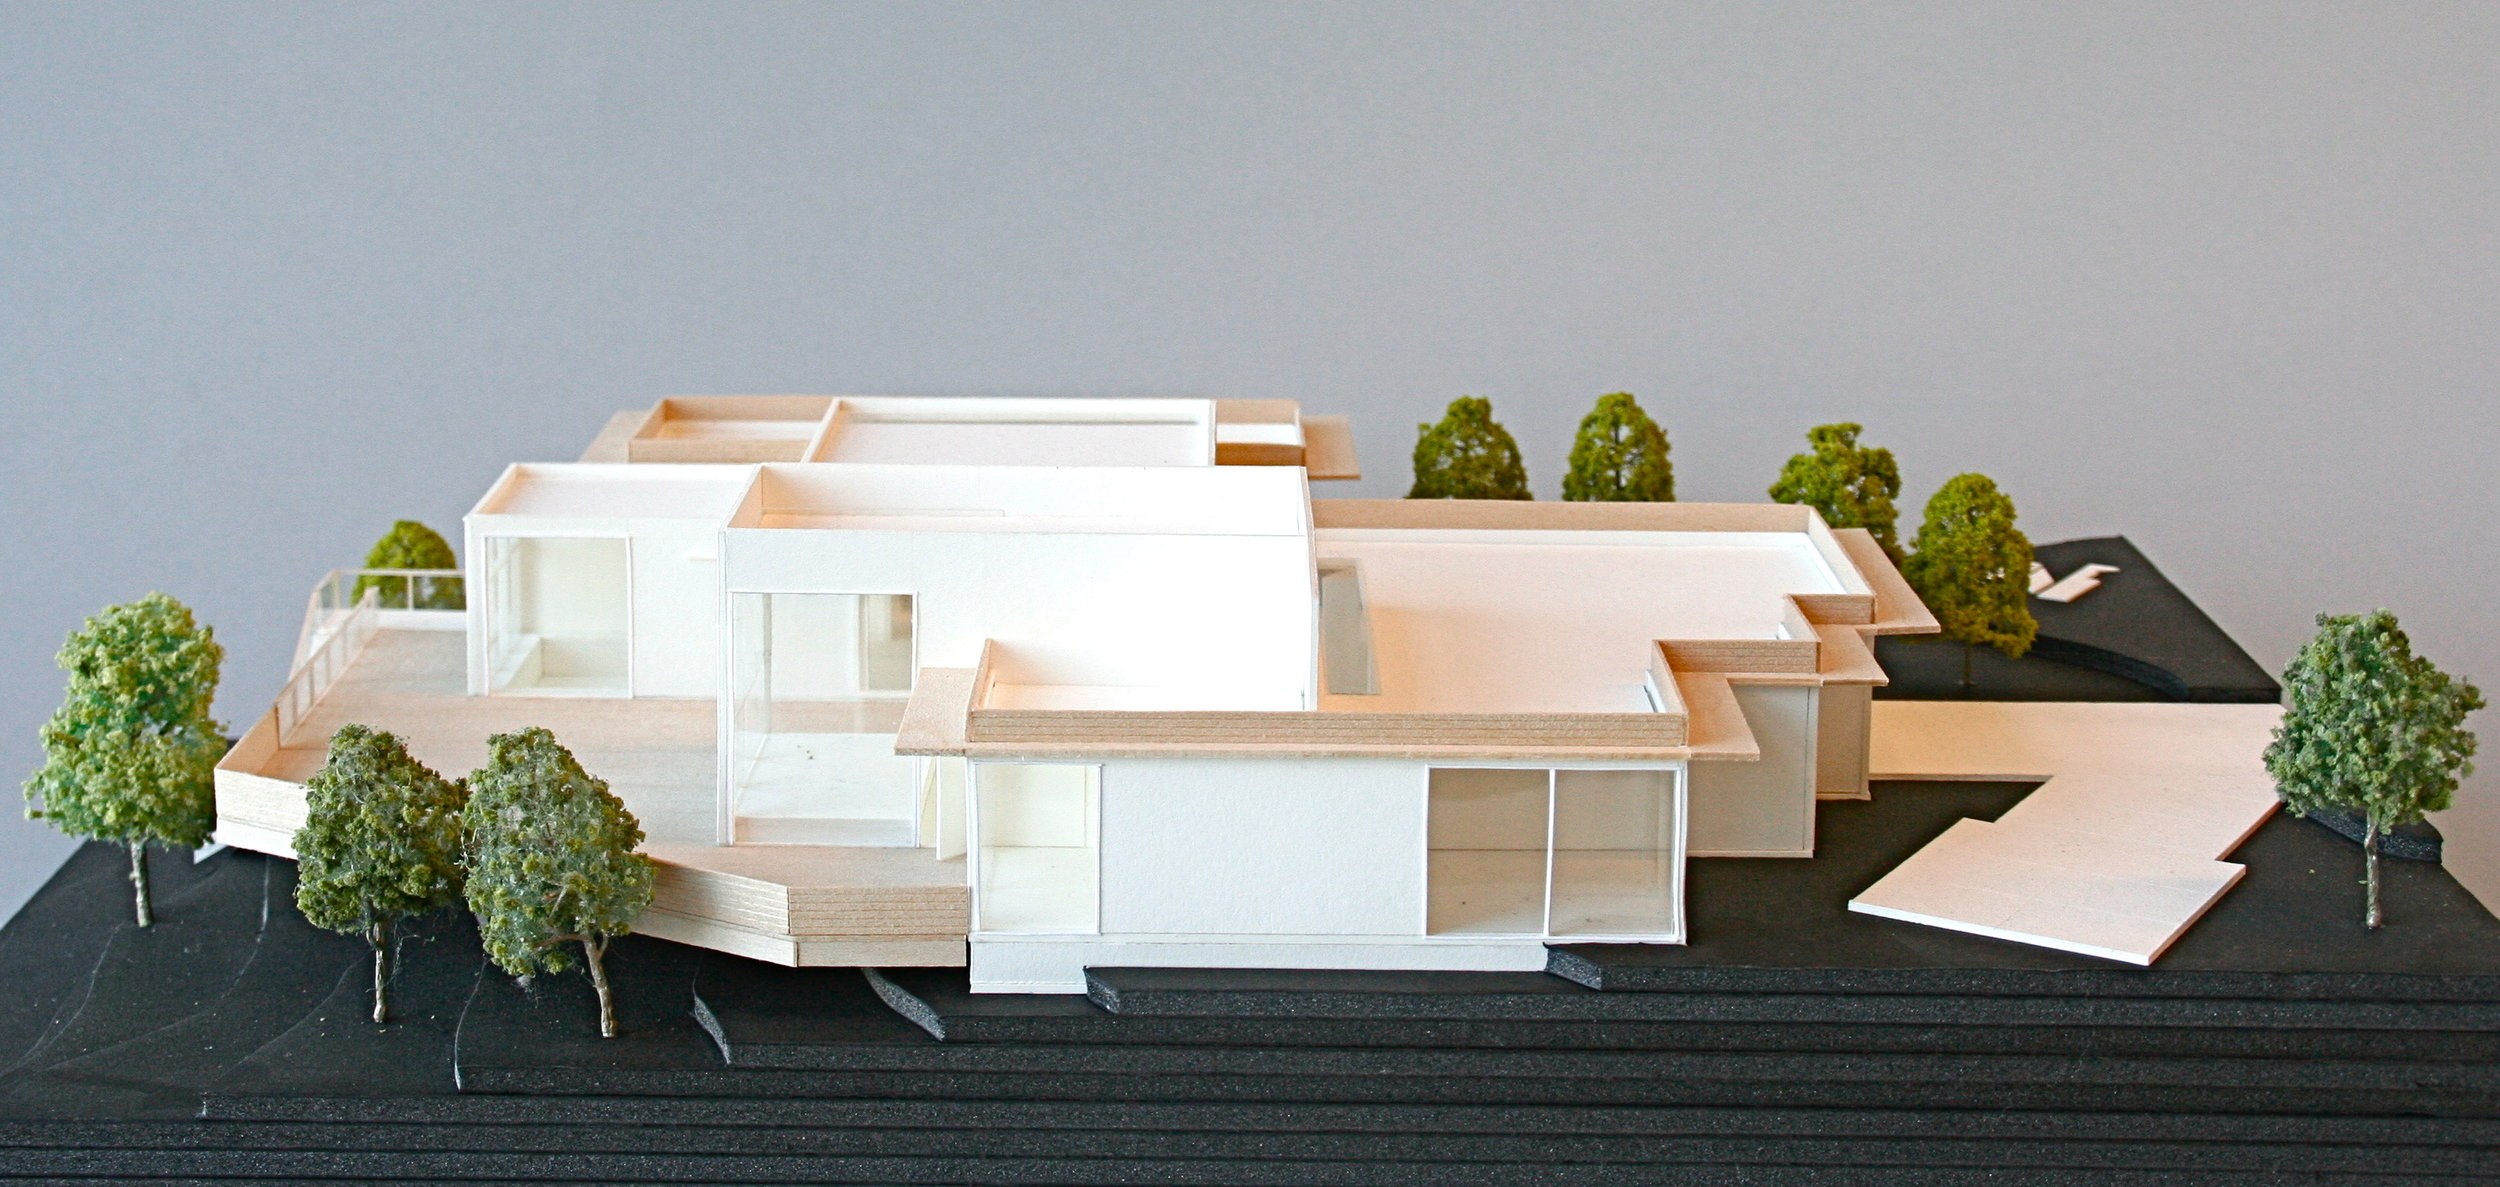 Eco House - 1.jpg